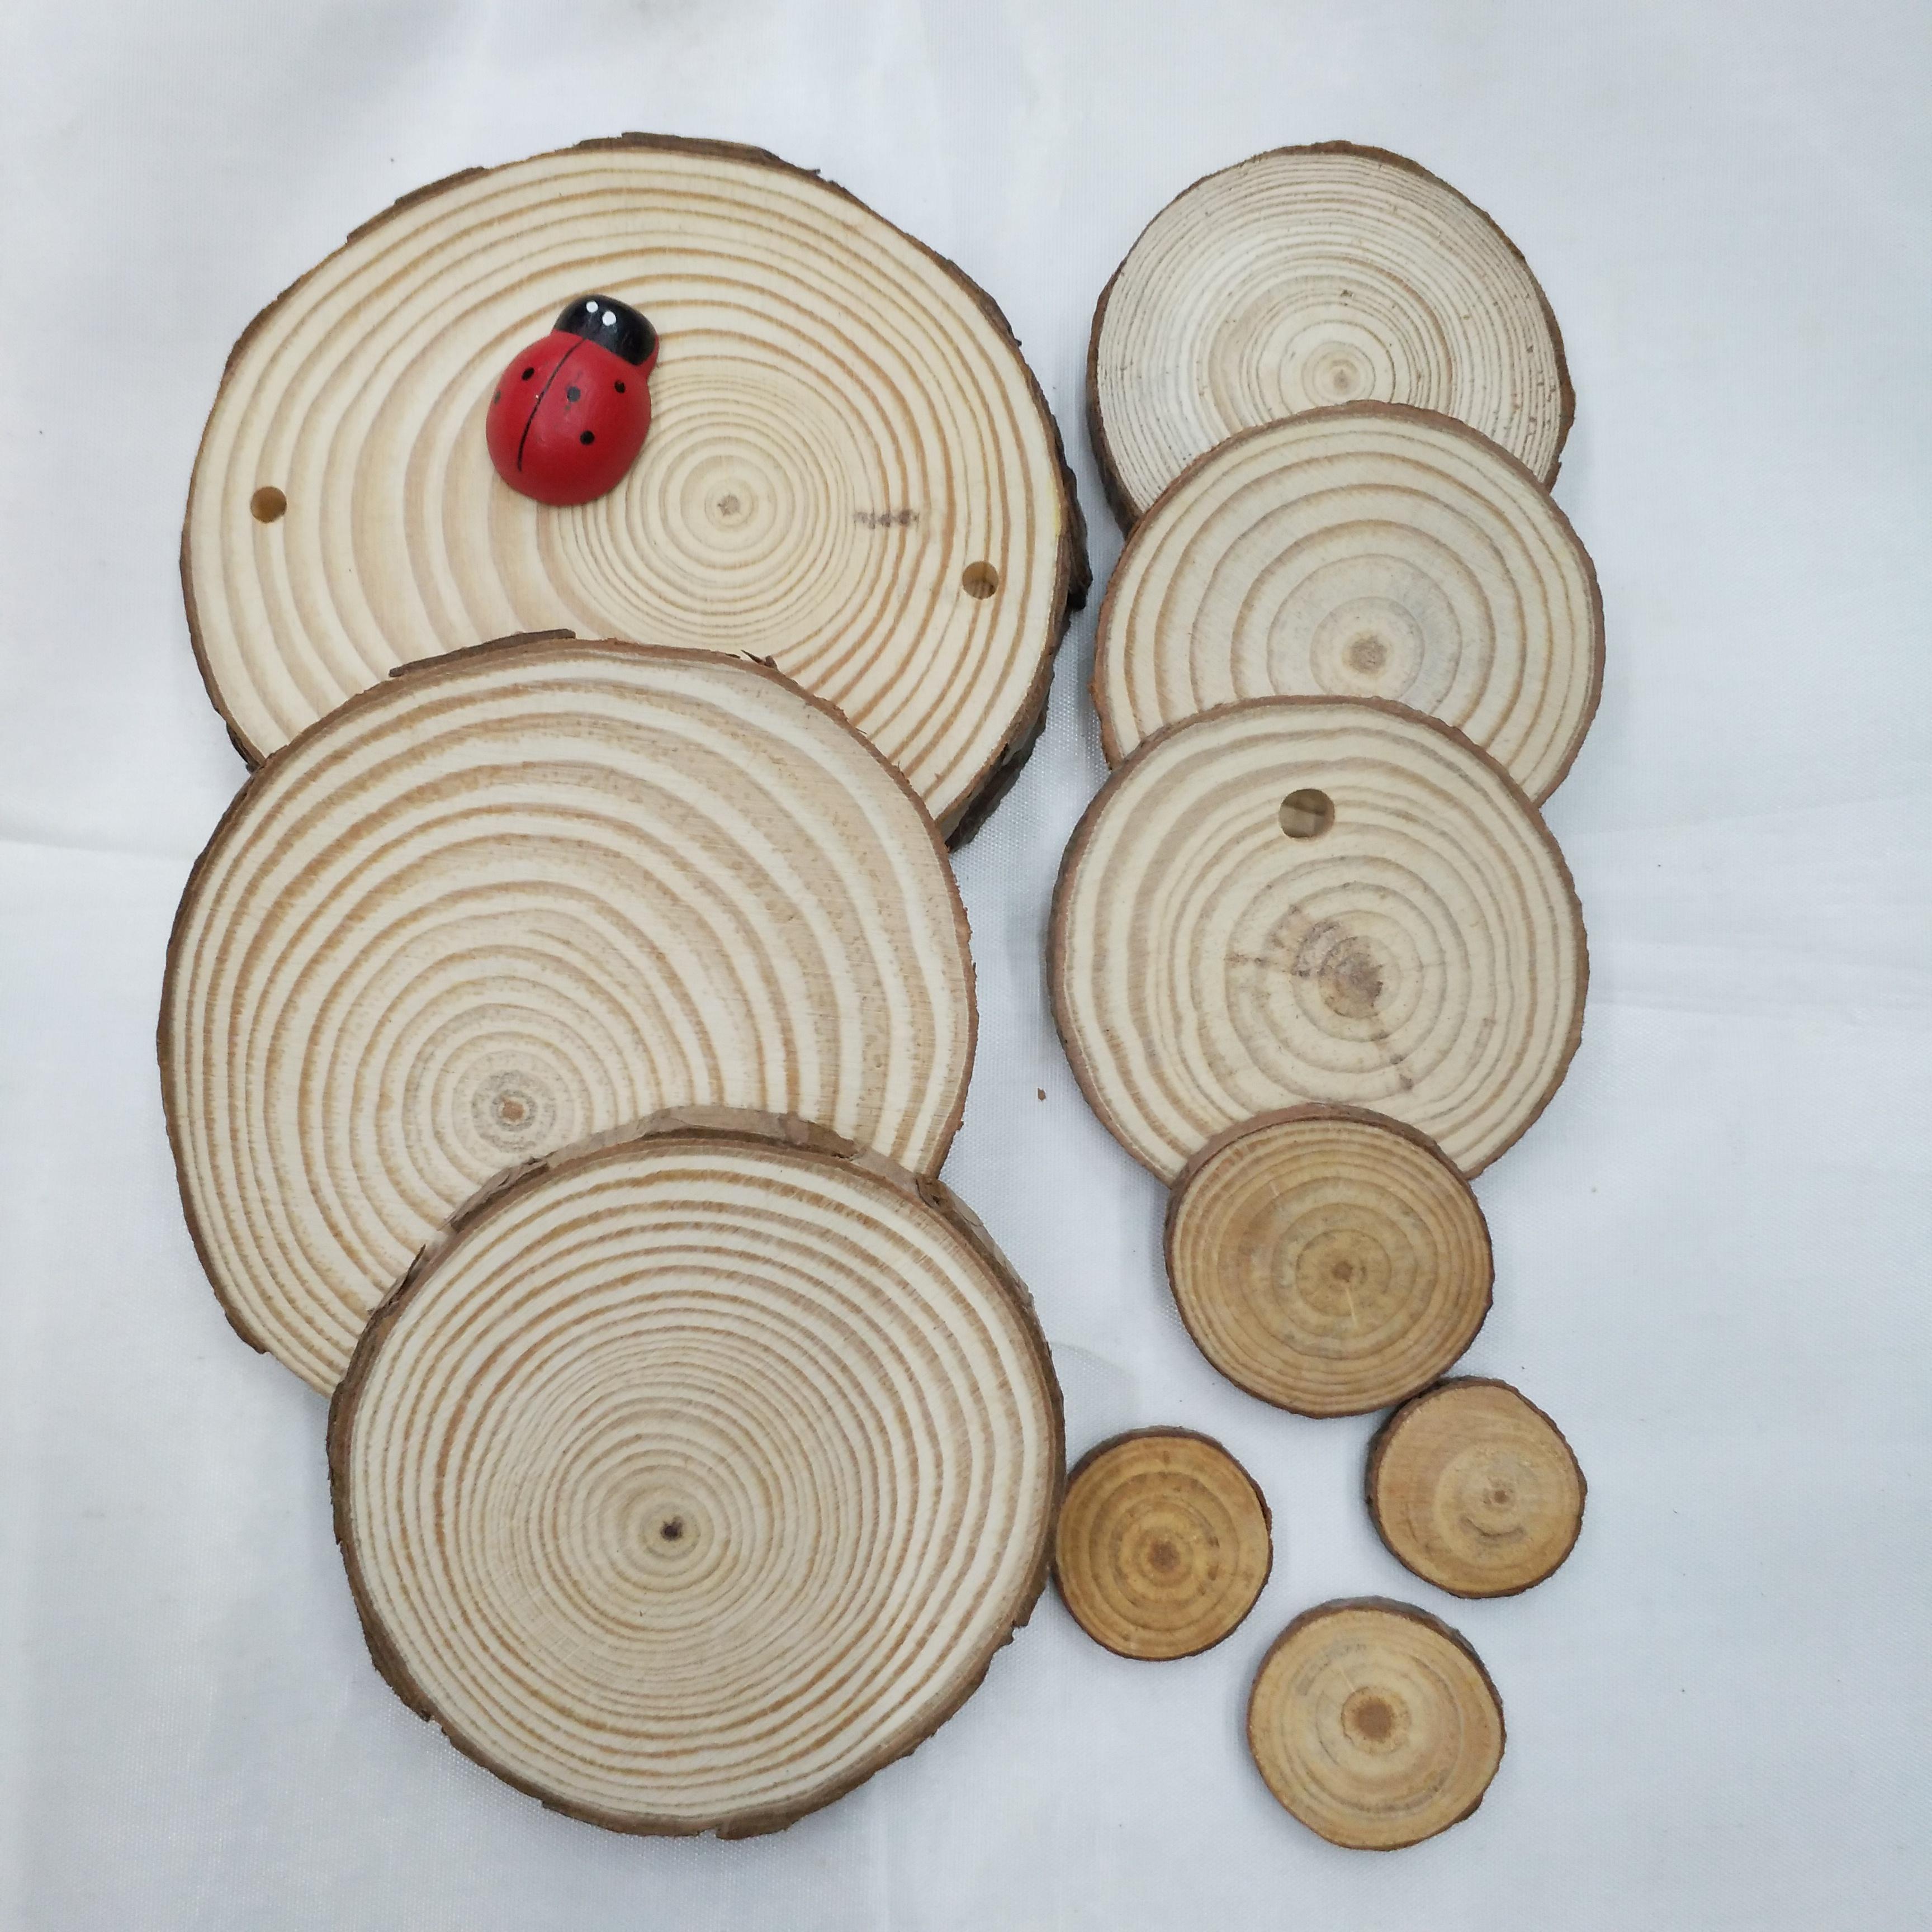 松木片多种规格DIY手工制作工艺装饰配件